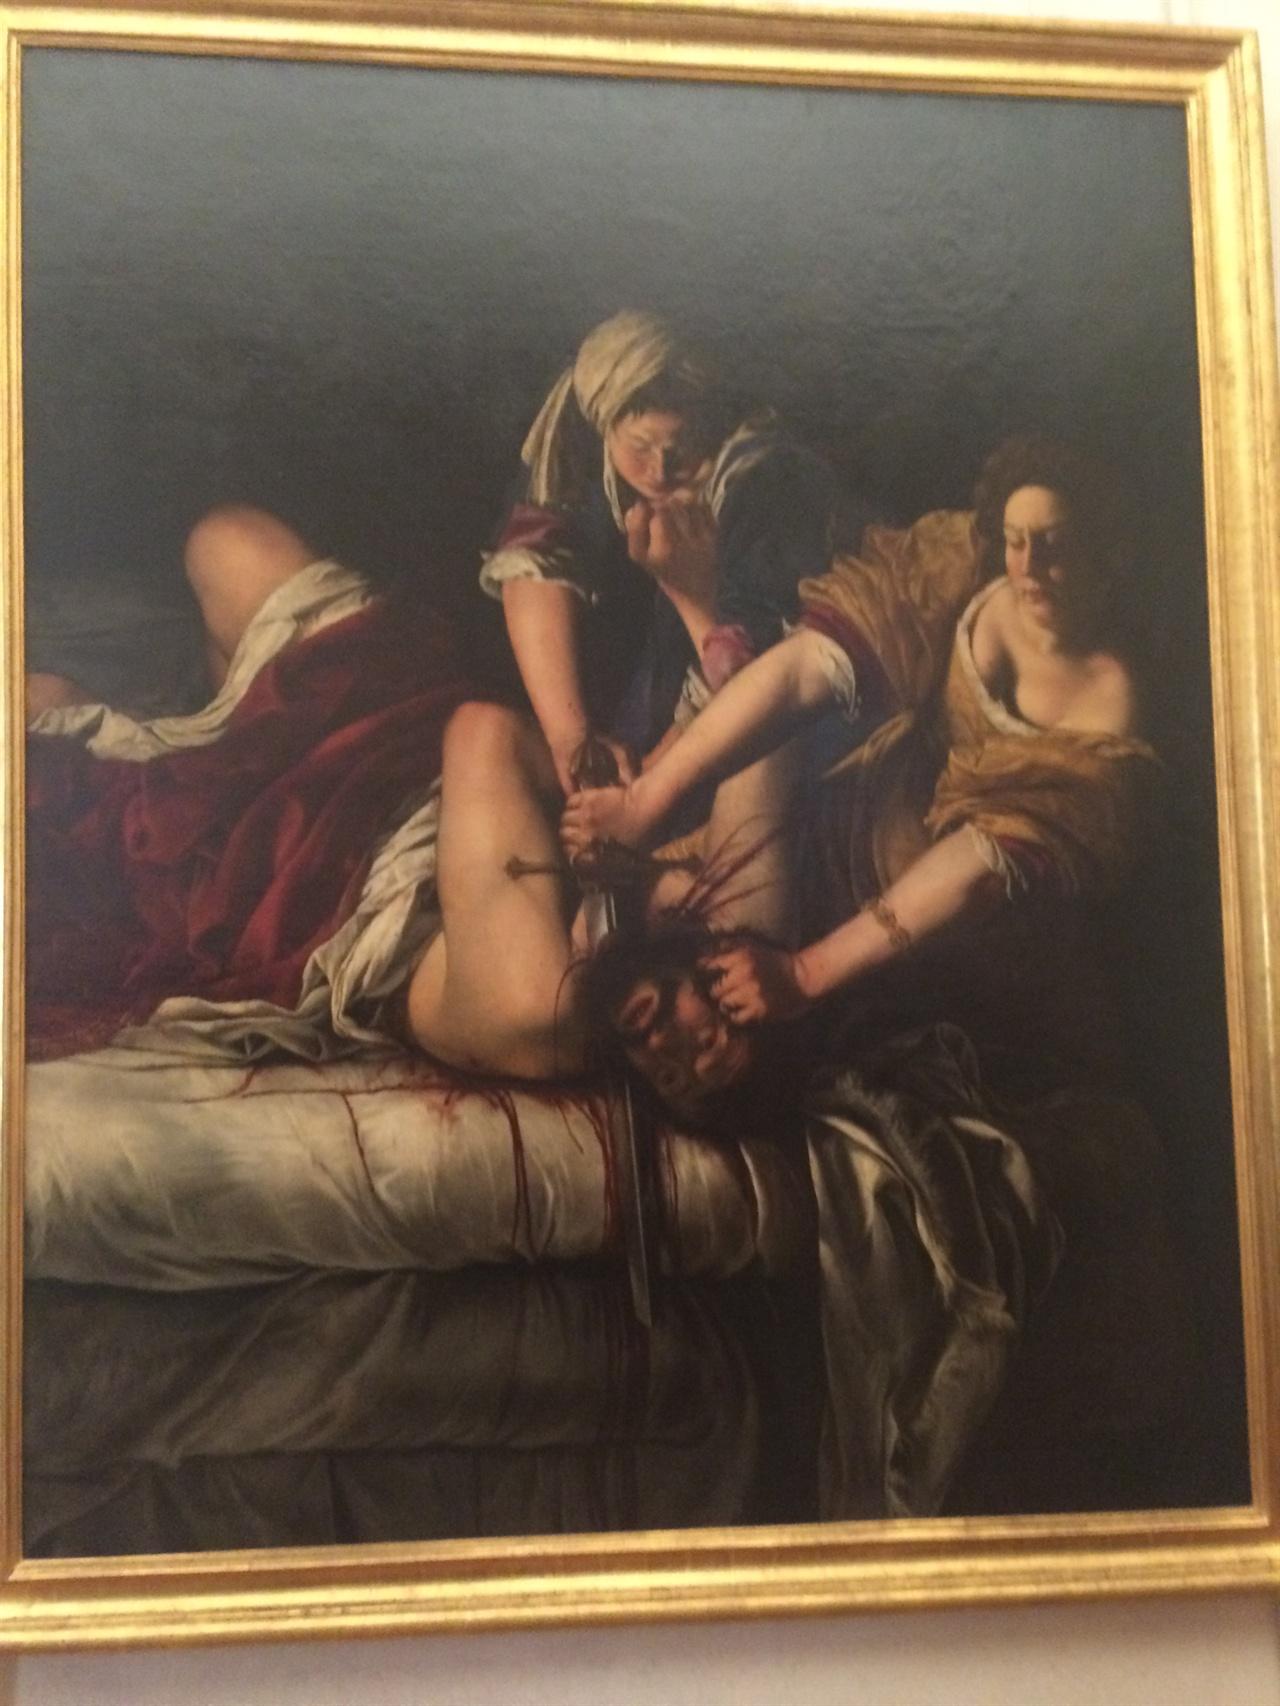 홀로페르네스의 목을 베는 유딧   아르테미시아 젠틸레스키, 1614-1620, 우피치 미술관